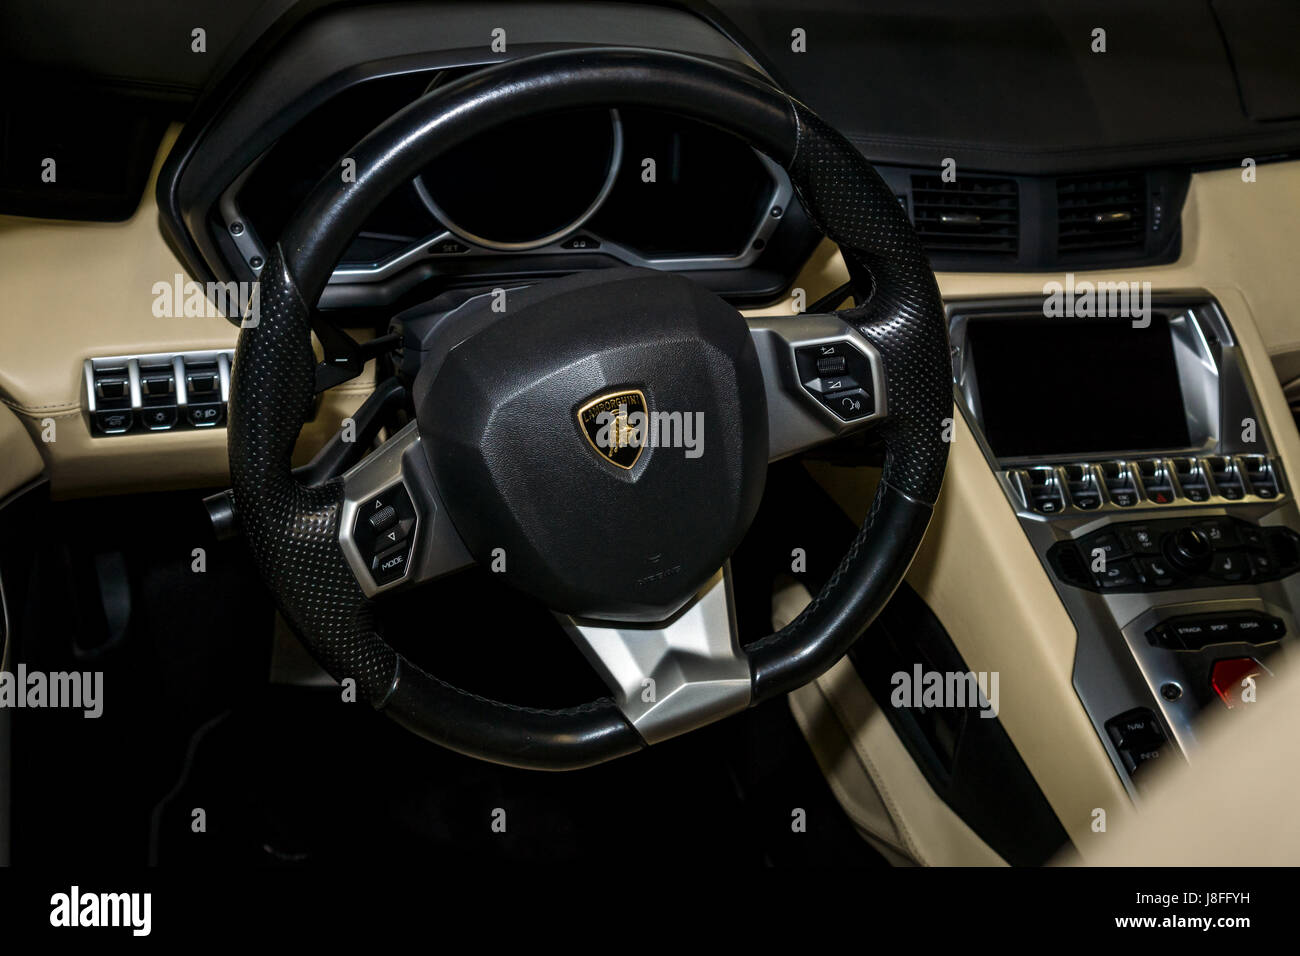 Classic Lamborghini Steering Wheel Stock Photos Classic